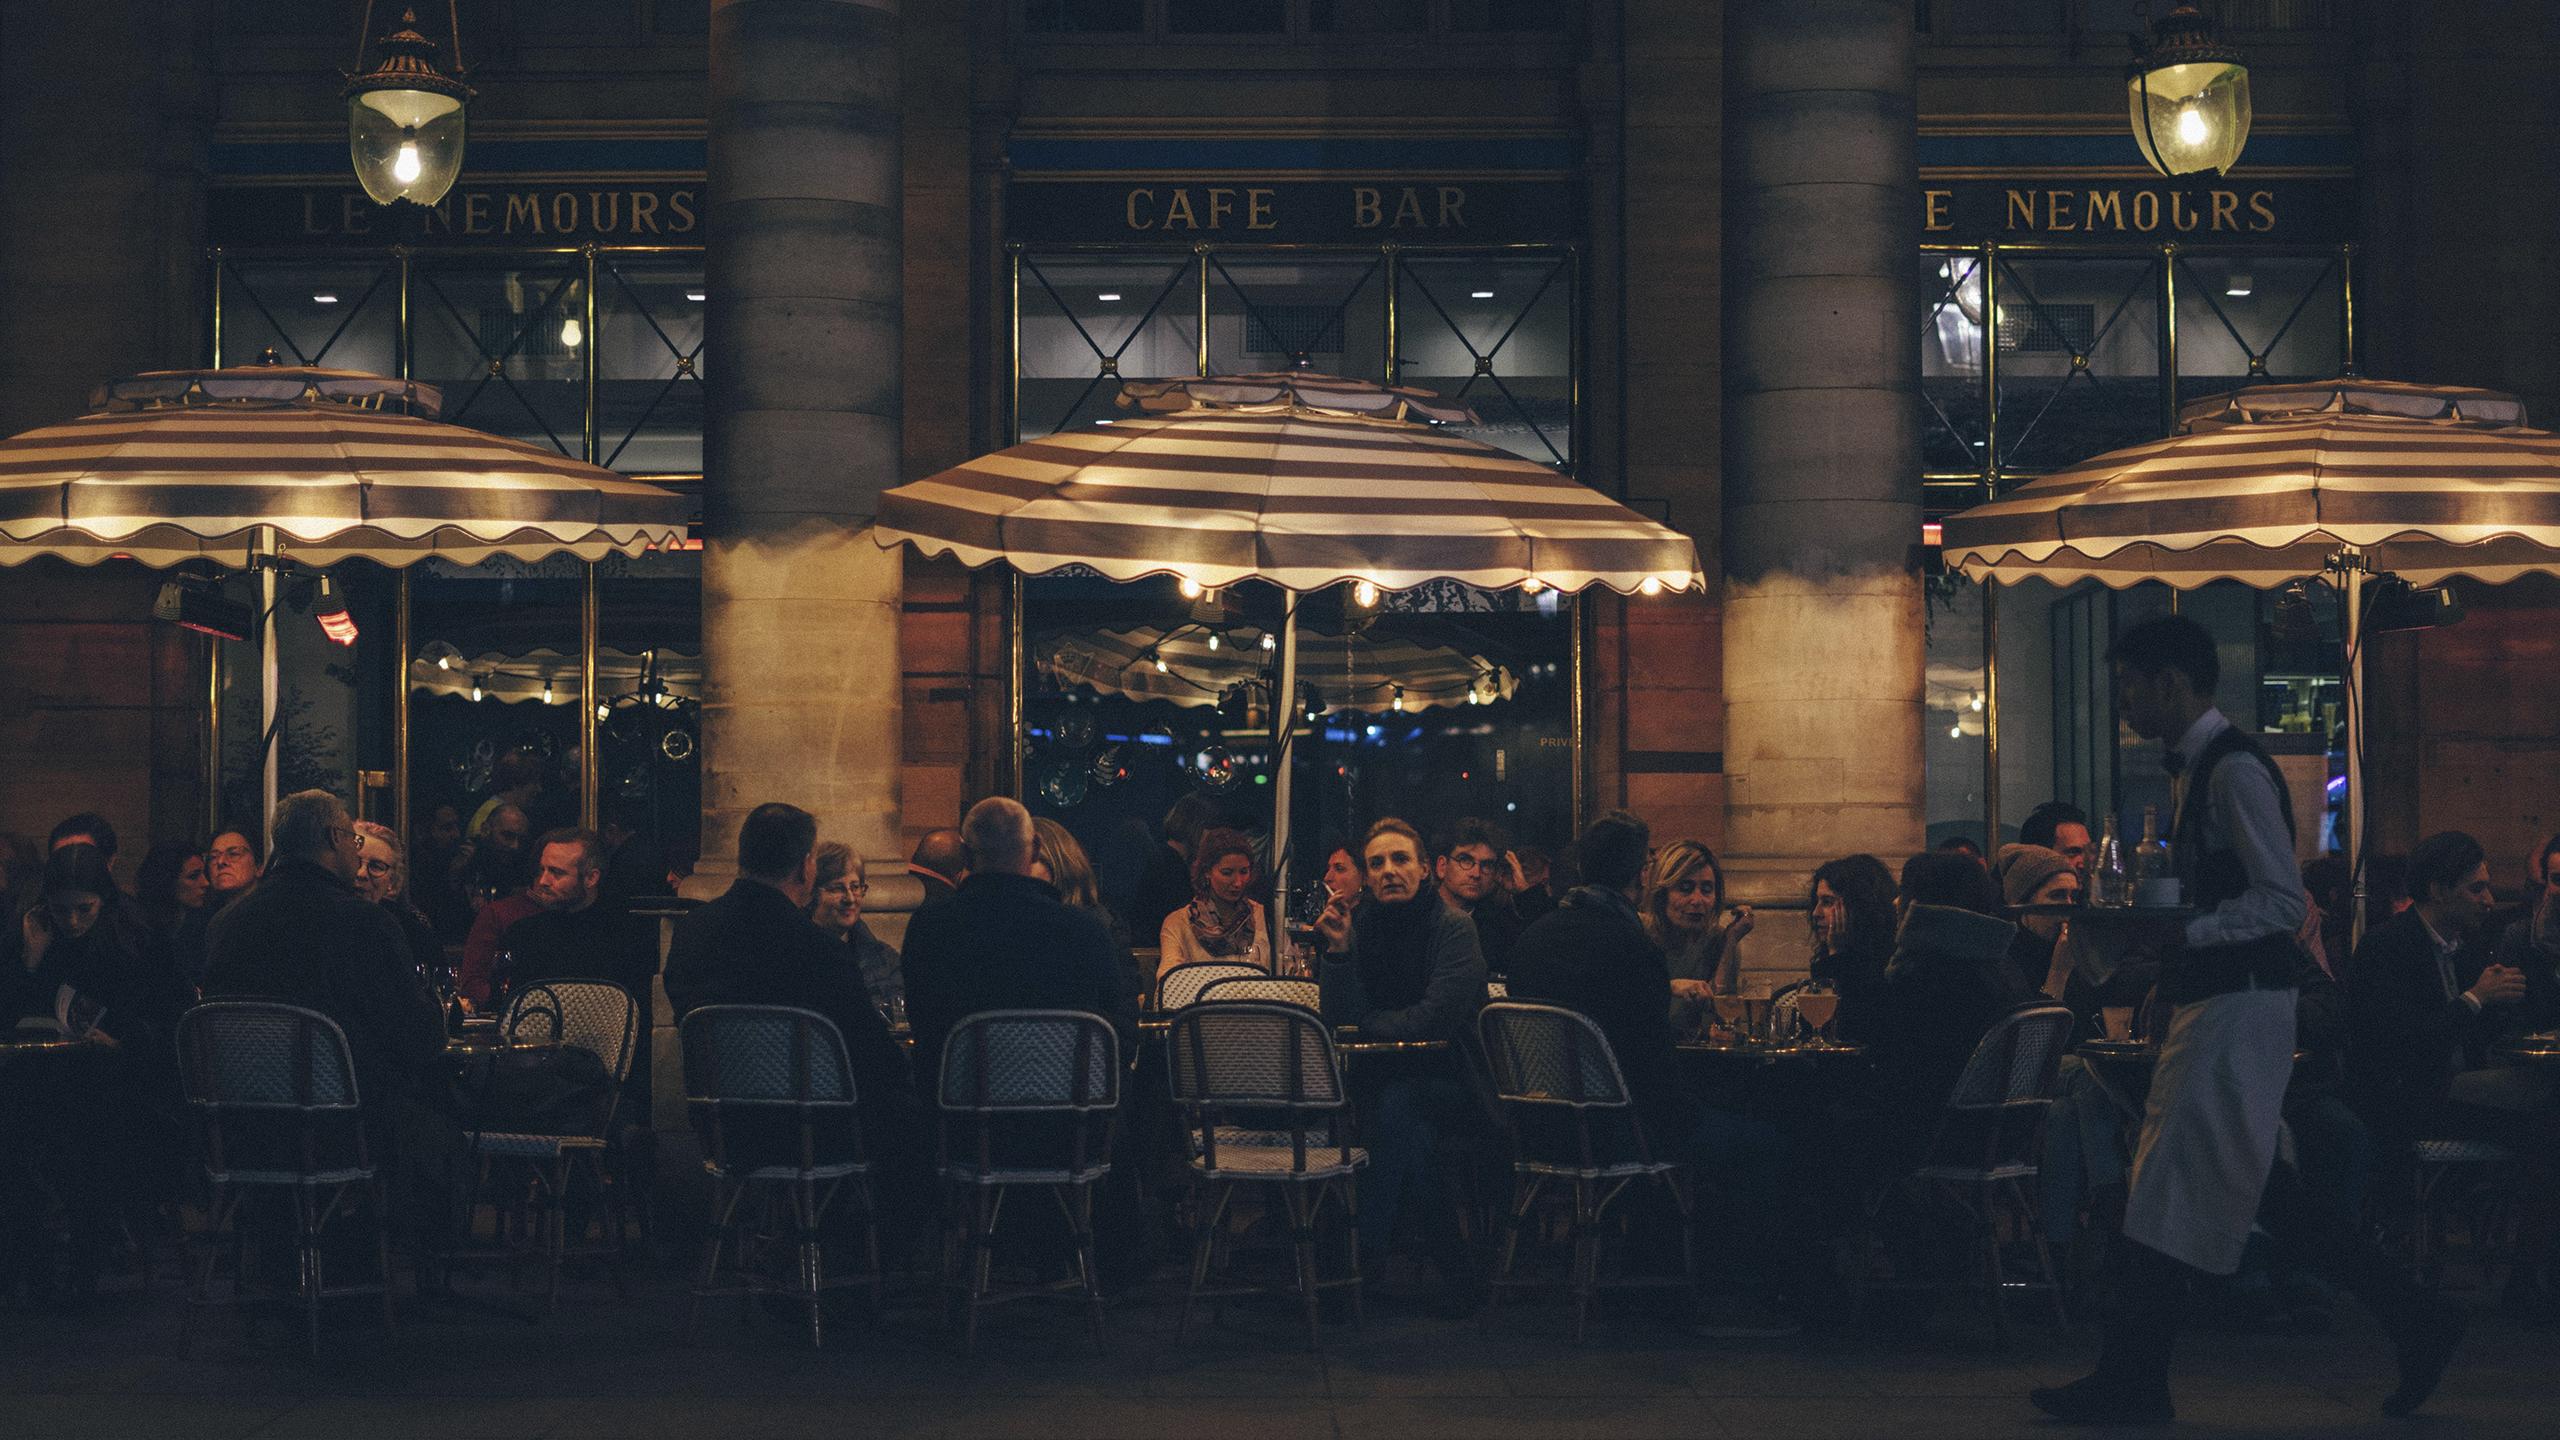 restaurantes-abren-más-tarde